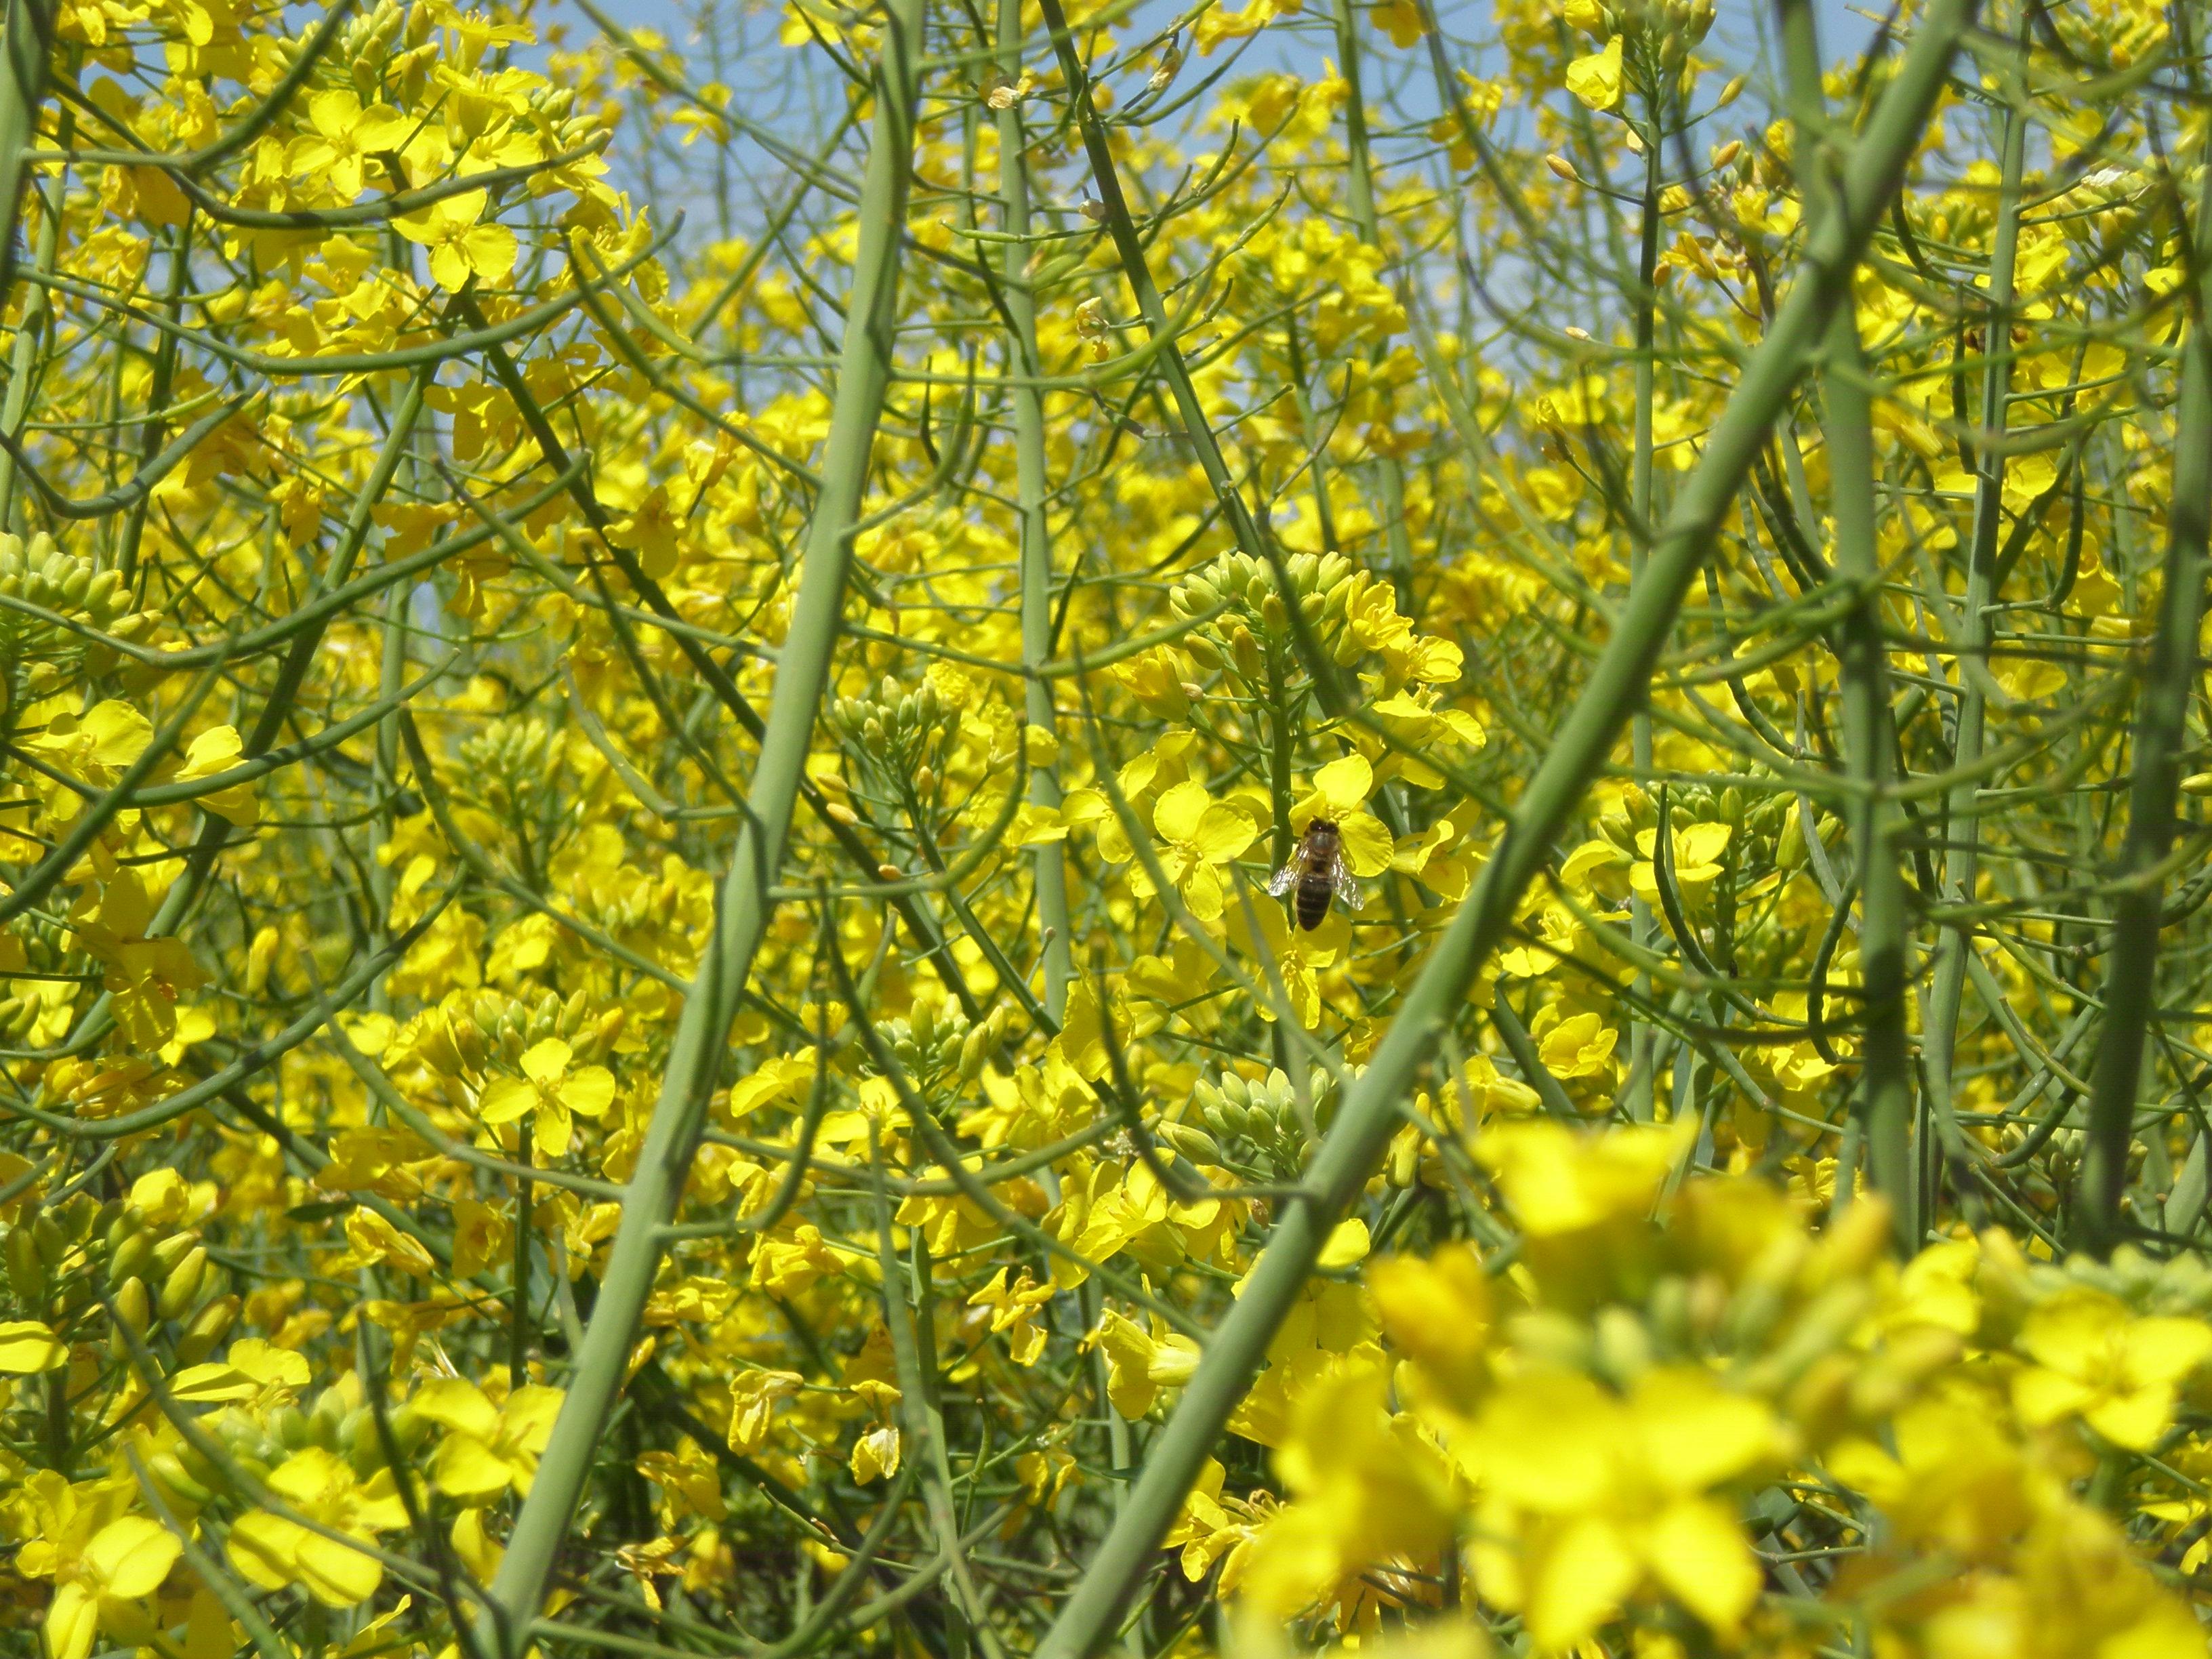 Atenció als tractaments fitosanitaris durant la floració en colza !